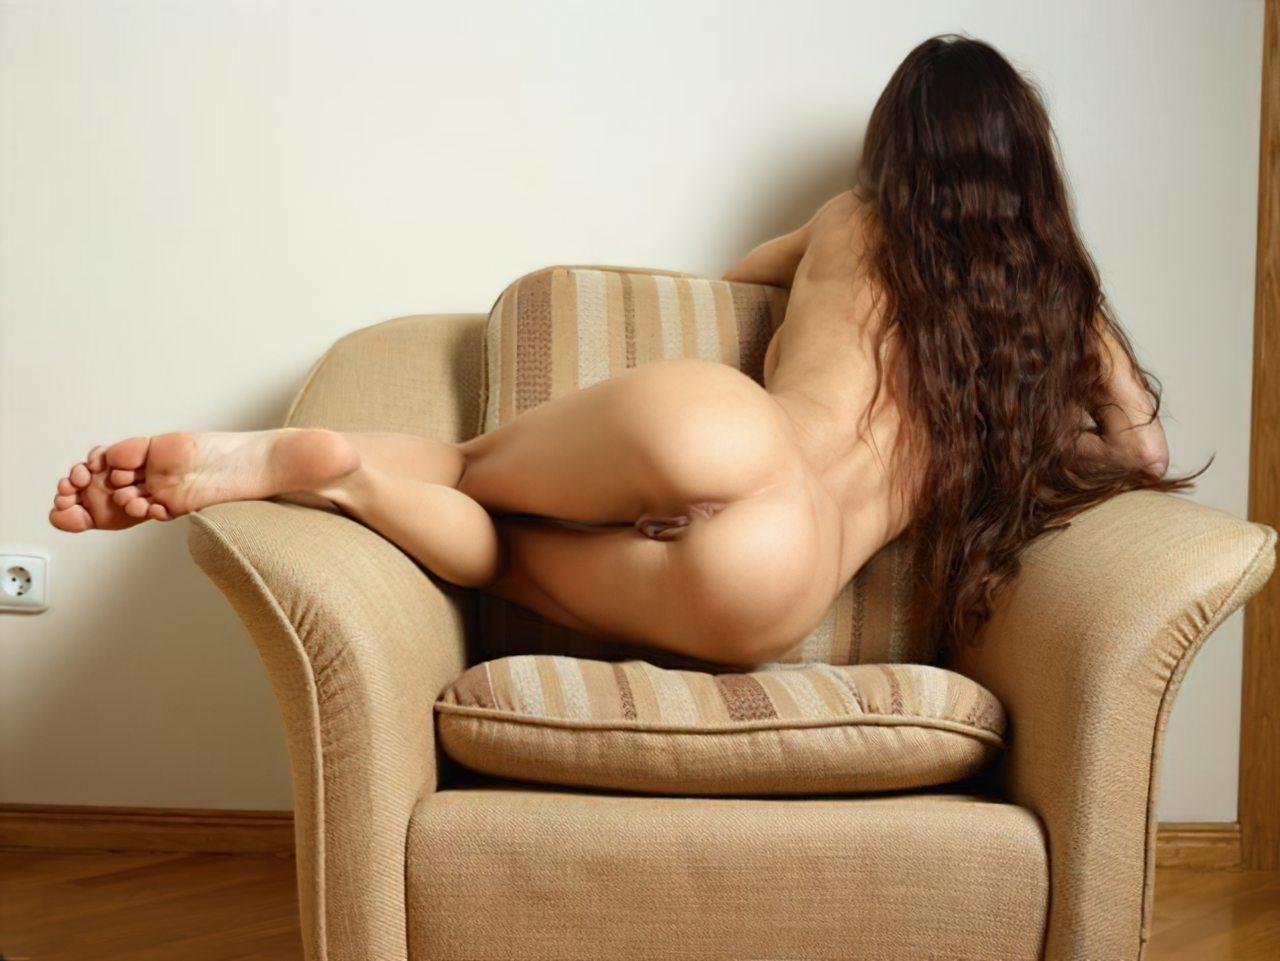 Imagens de Mulheres (47)